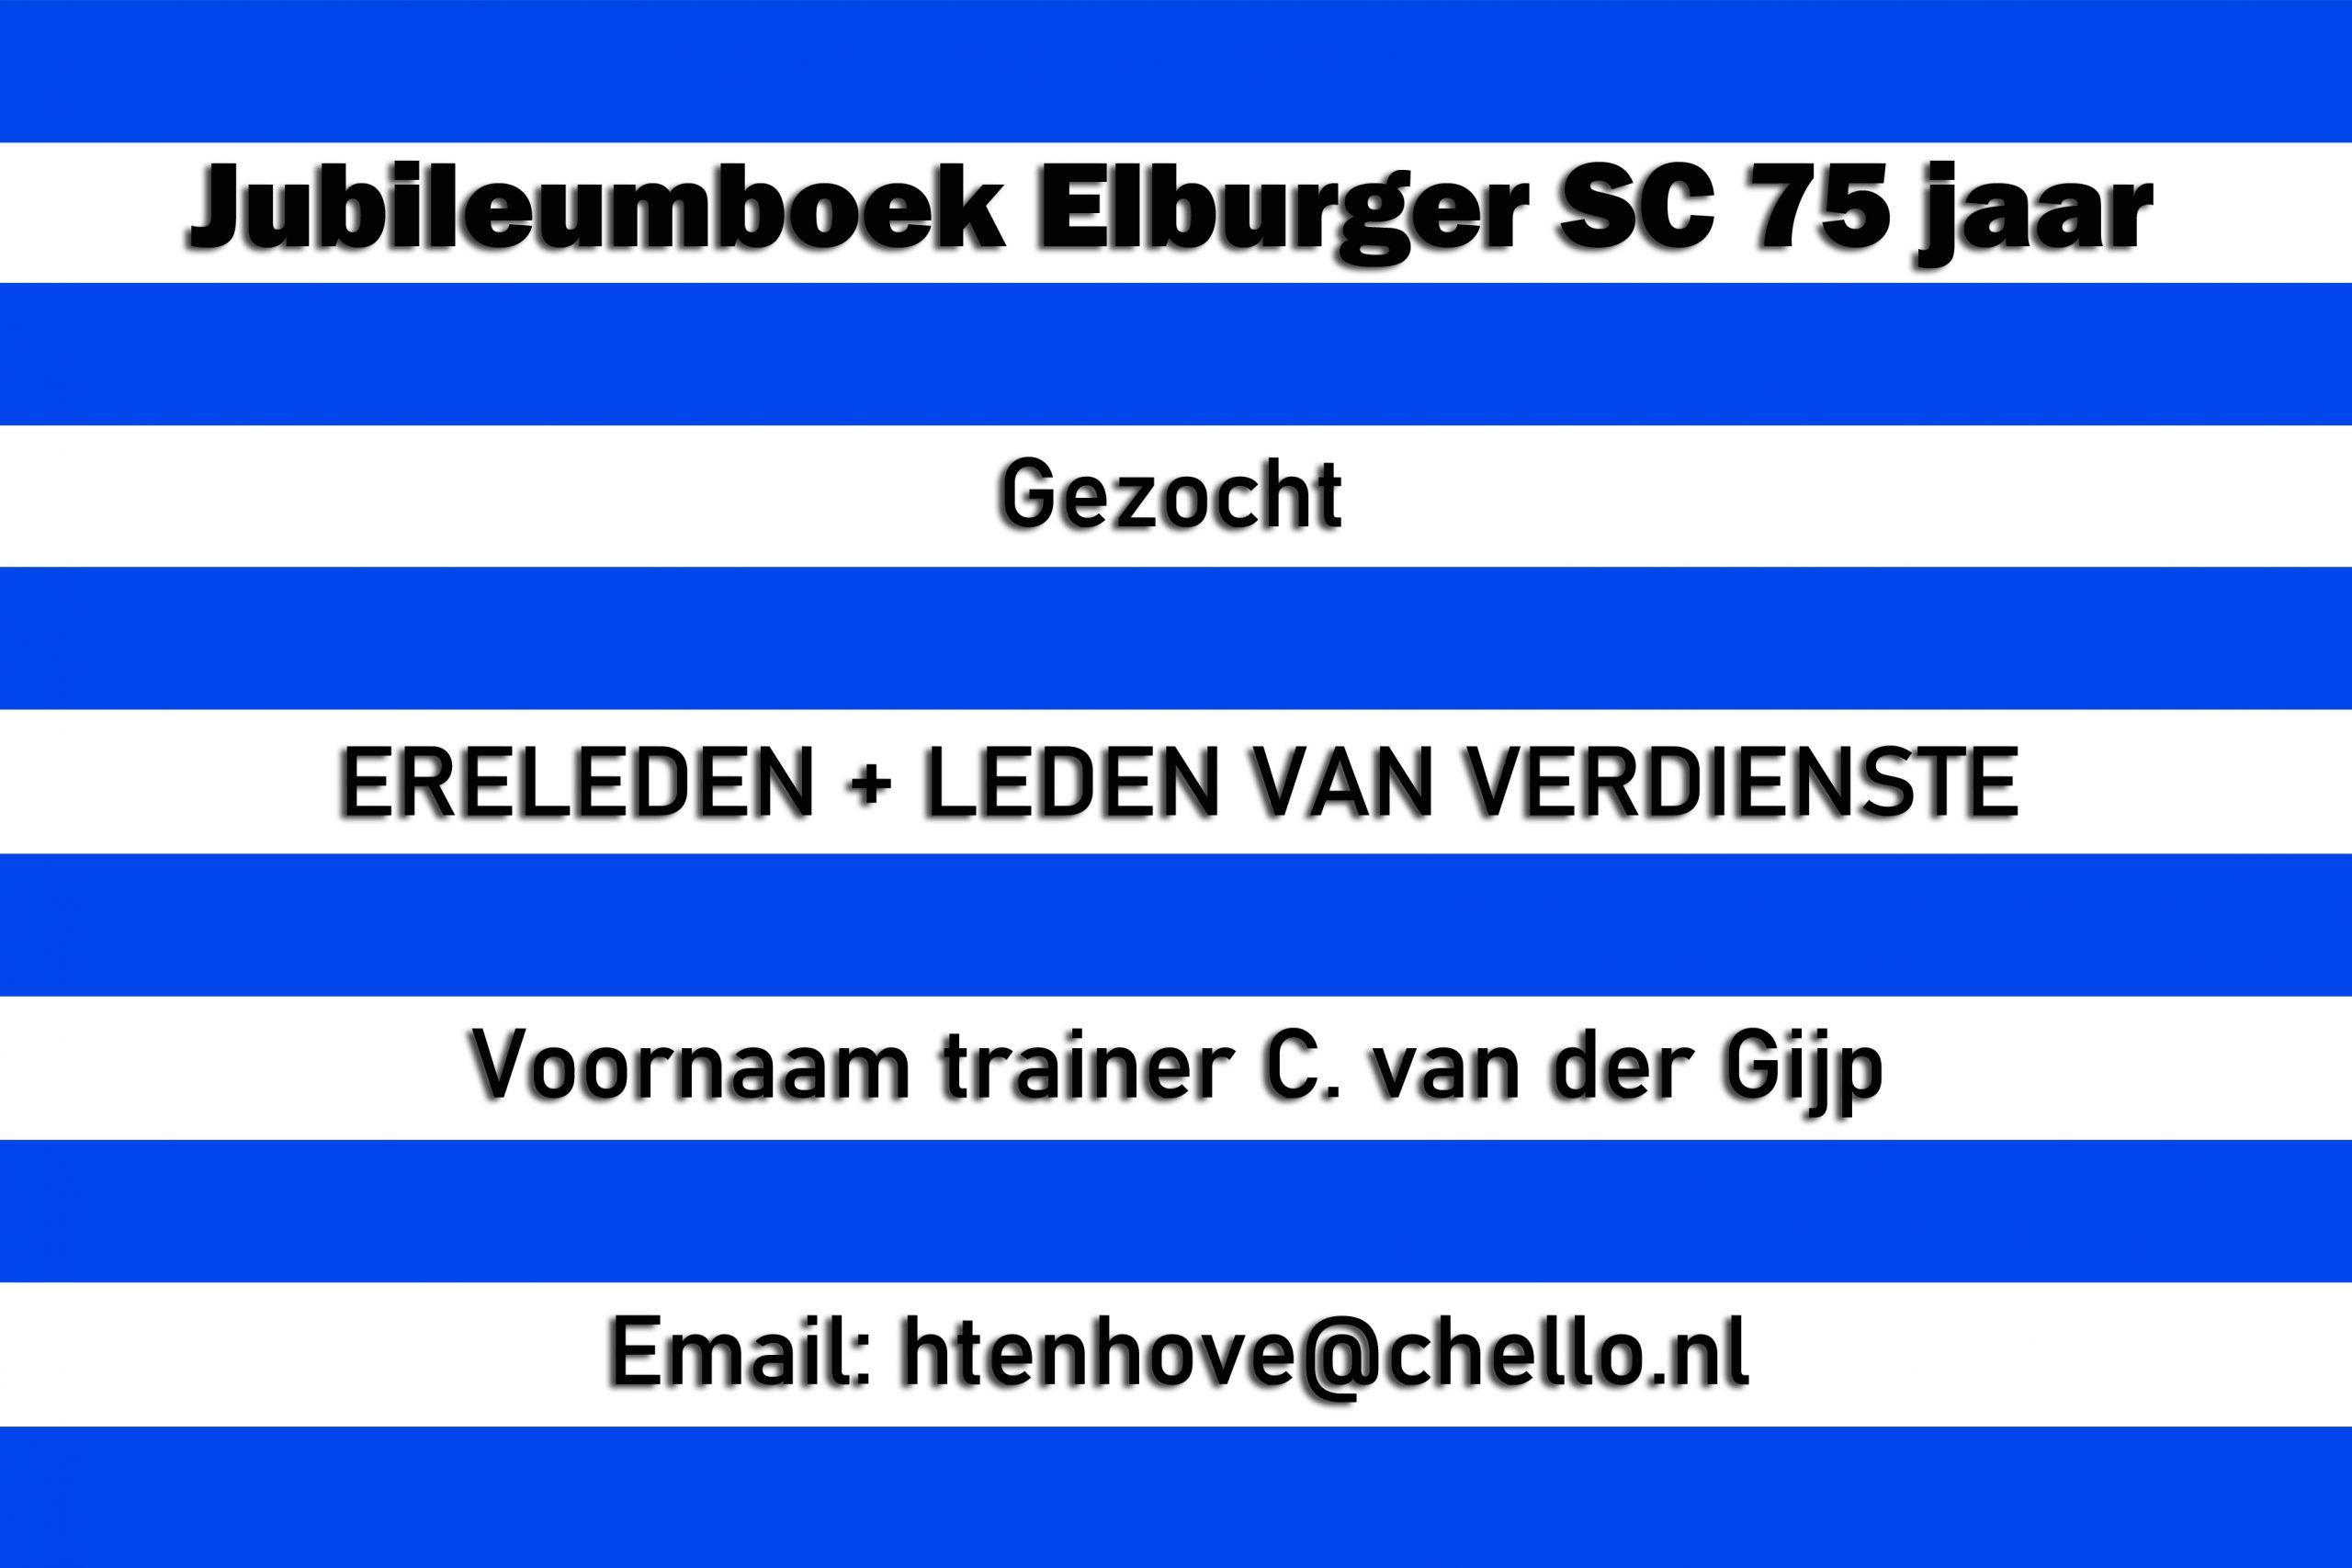 Gezocht ERELEDEN + LEDEN VAN VERDIENSTE en voornaam trainer C. van der Gijp - Elburger SC